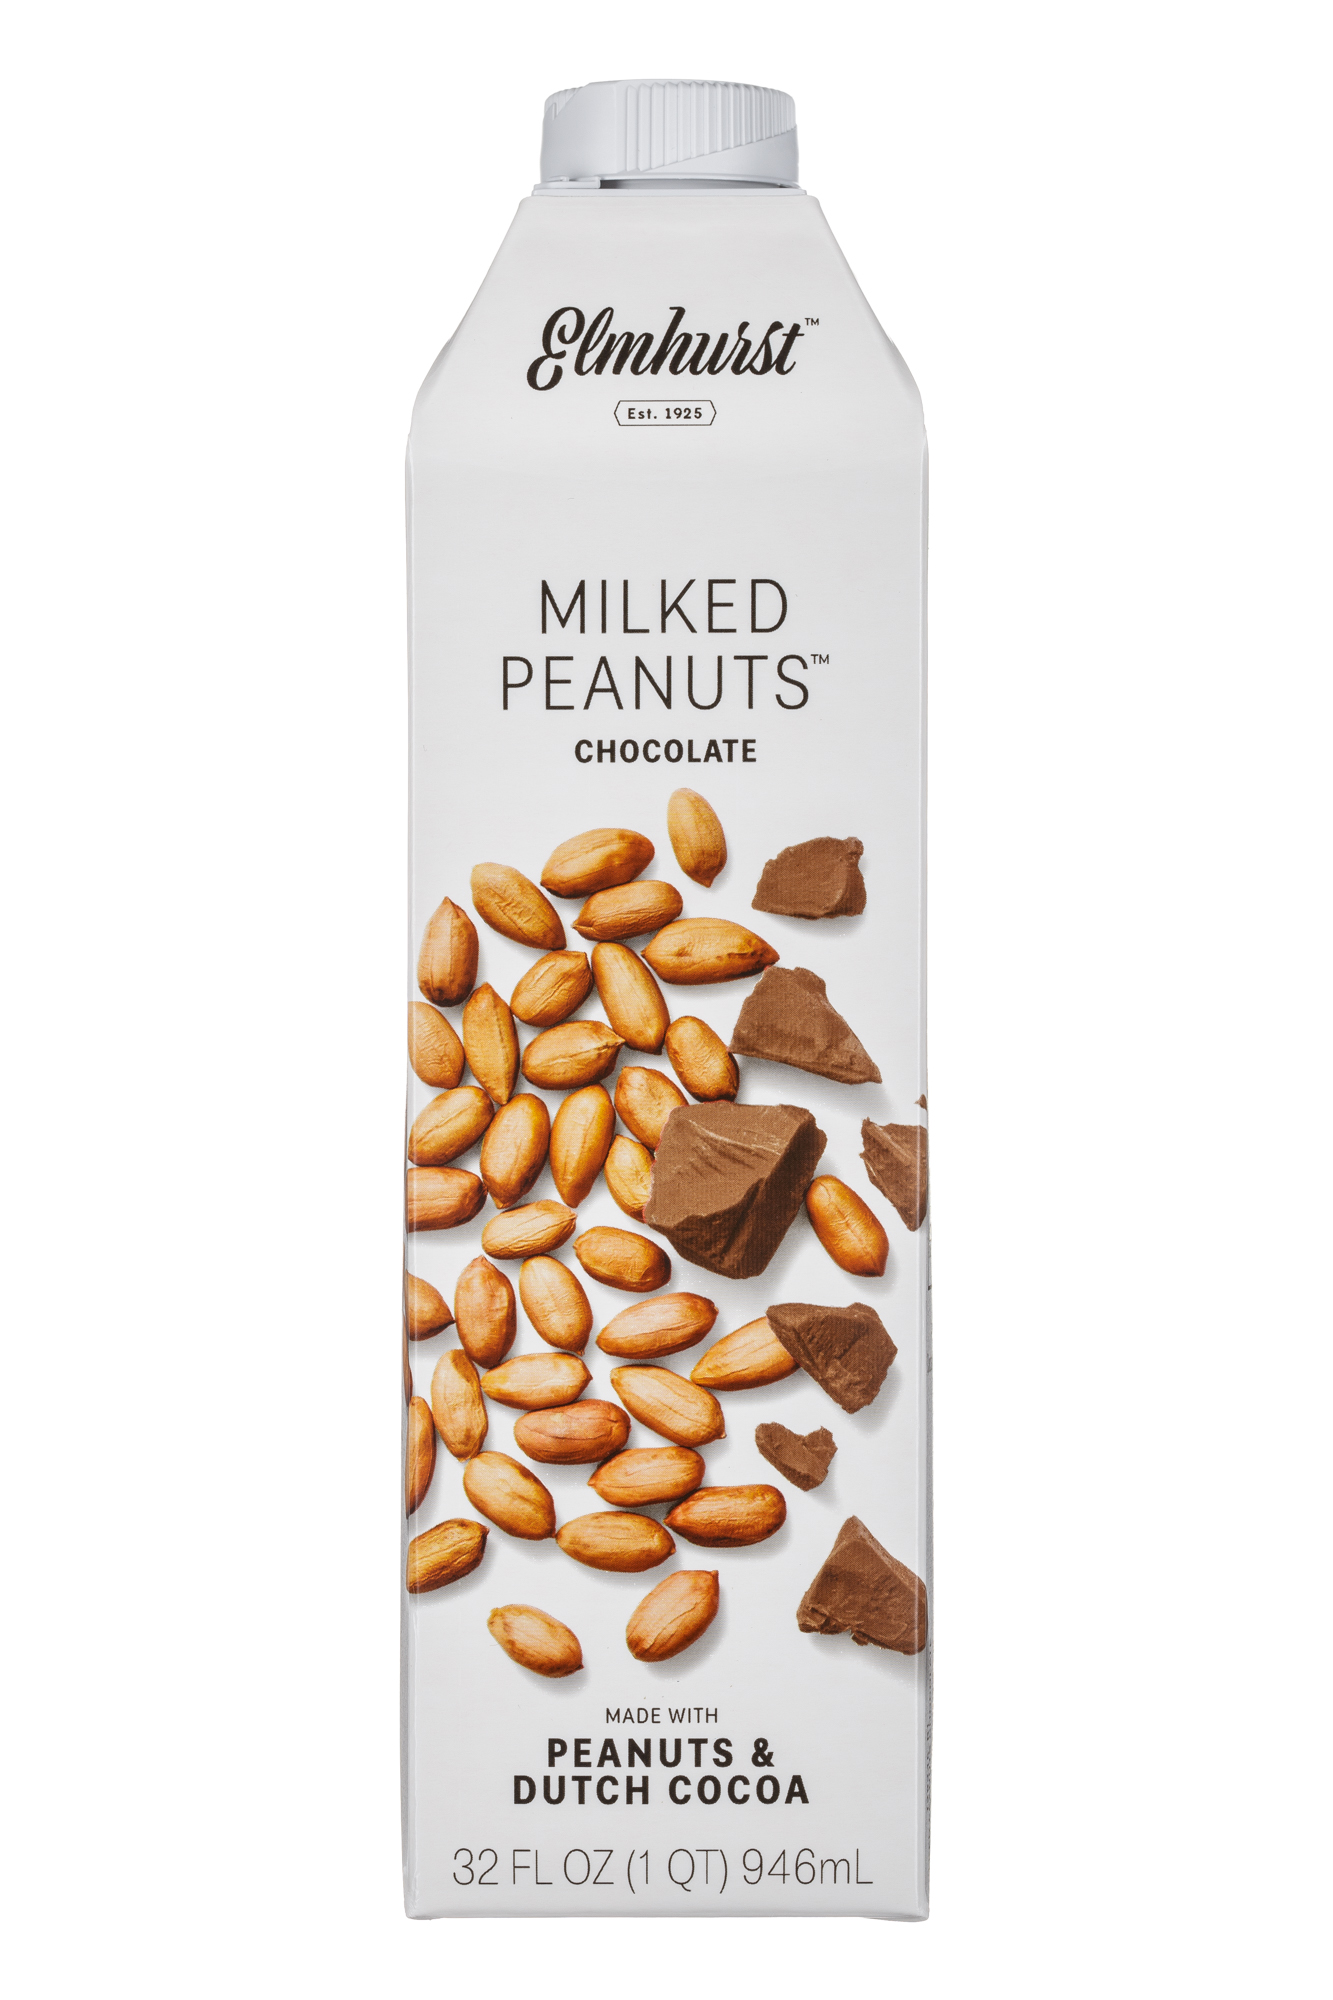 Milked Peanuts: Chocolate